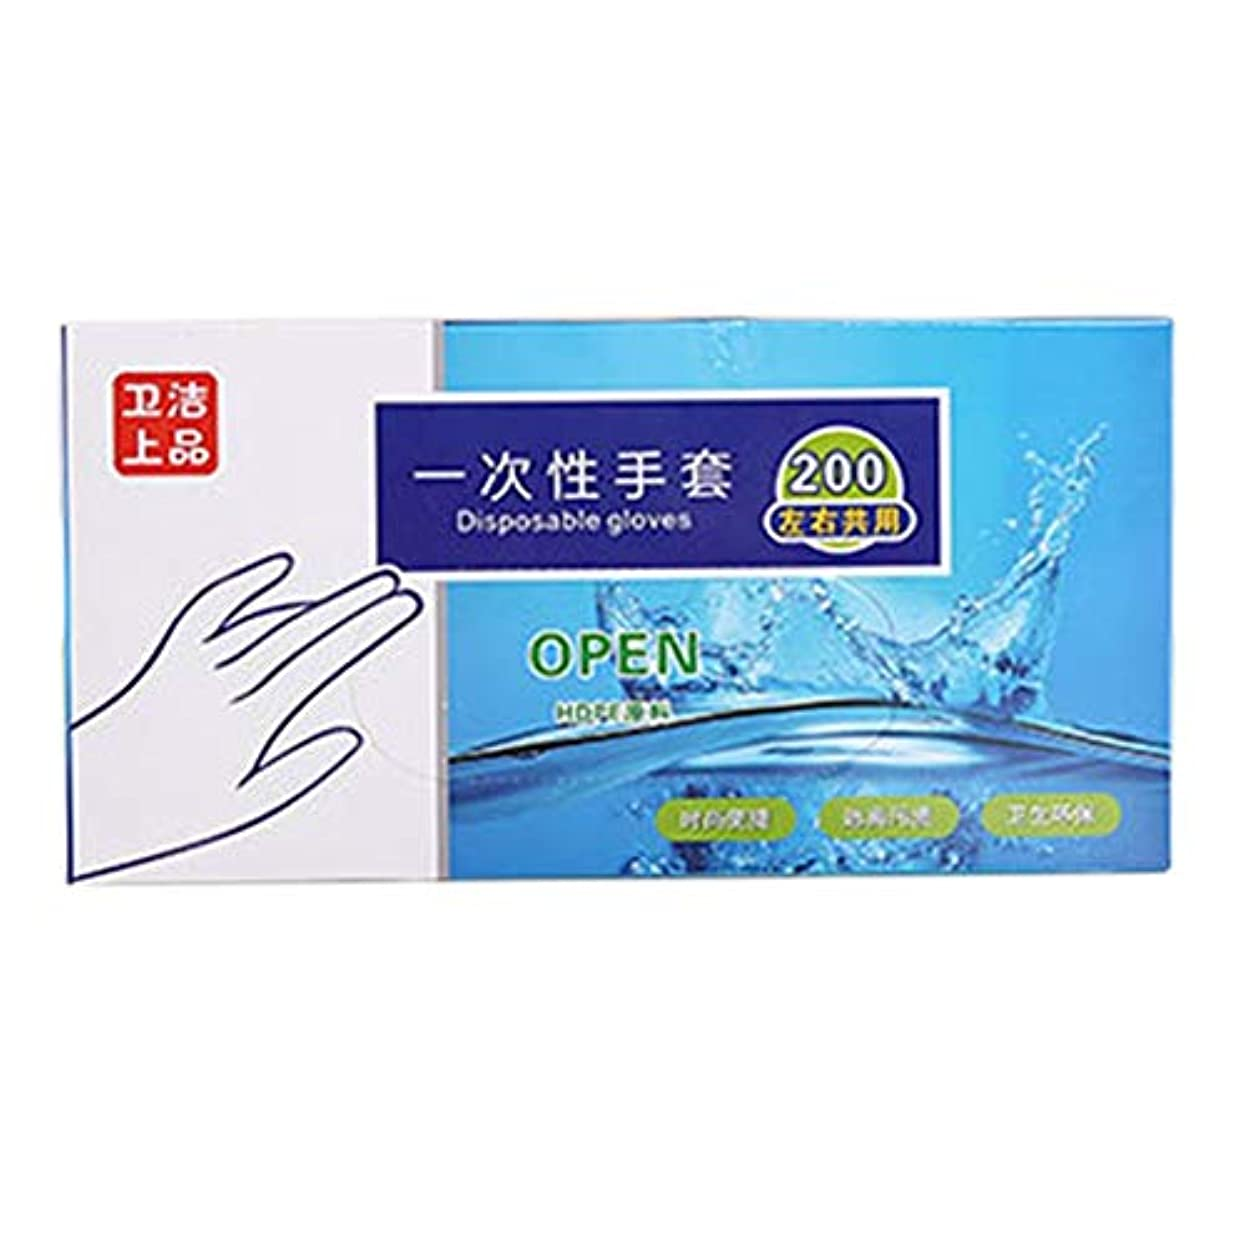 ラフカヌー気体のMoresave 200枚 使い捨て手袋 使いきり手袋 キッチン 掃除用具 防水防油 透明 厚手